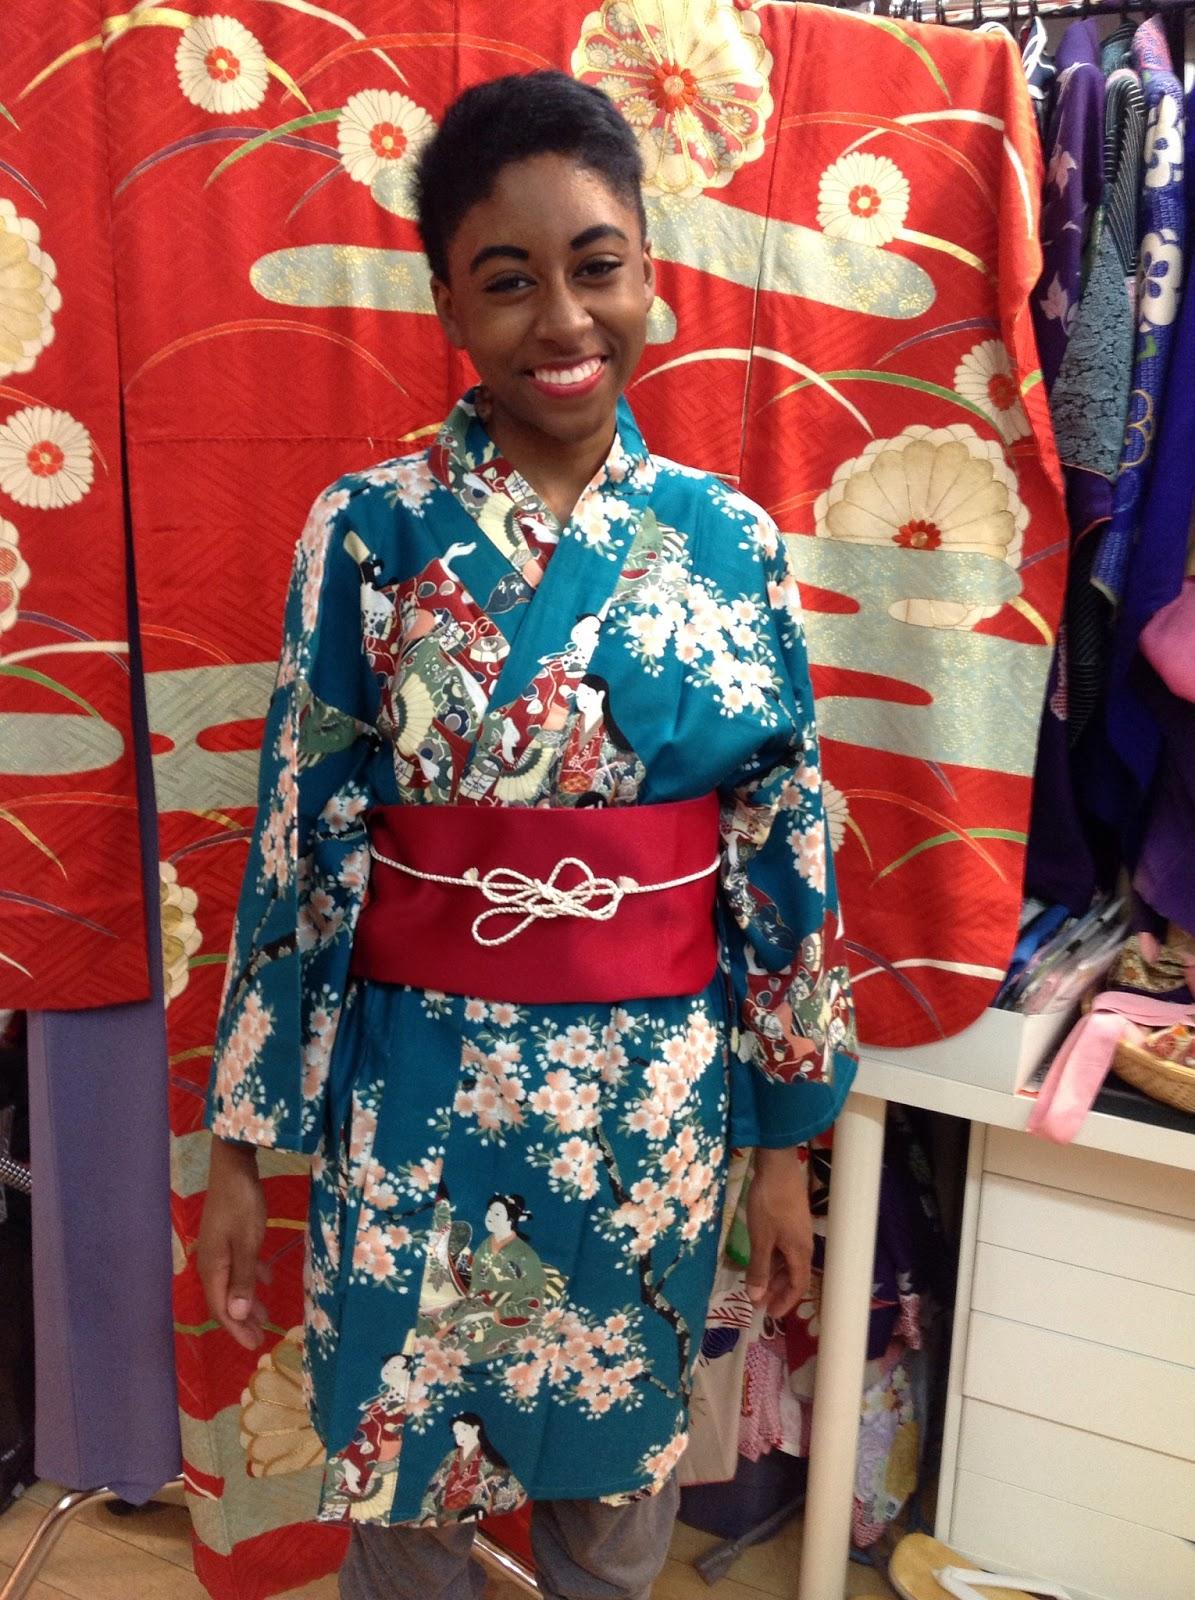 Turquoise kimono from Kimono House NY